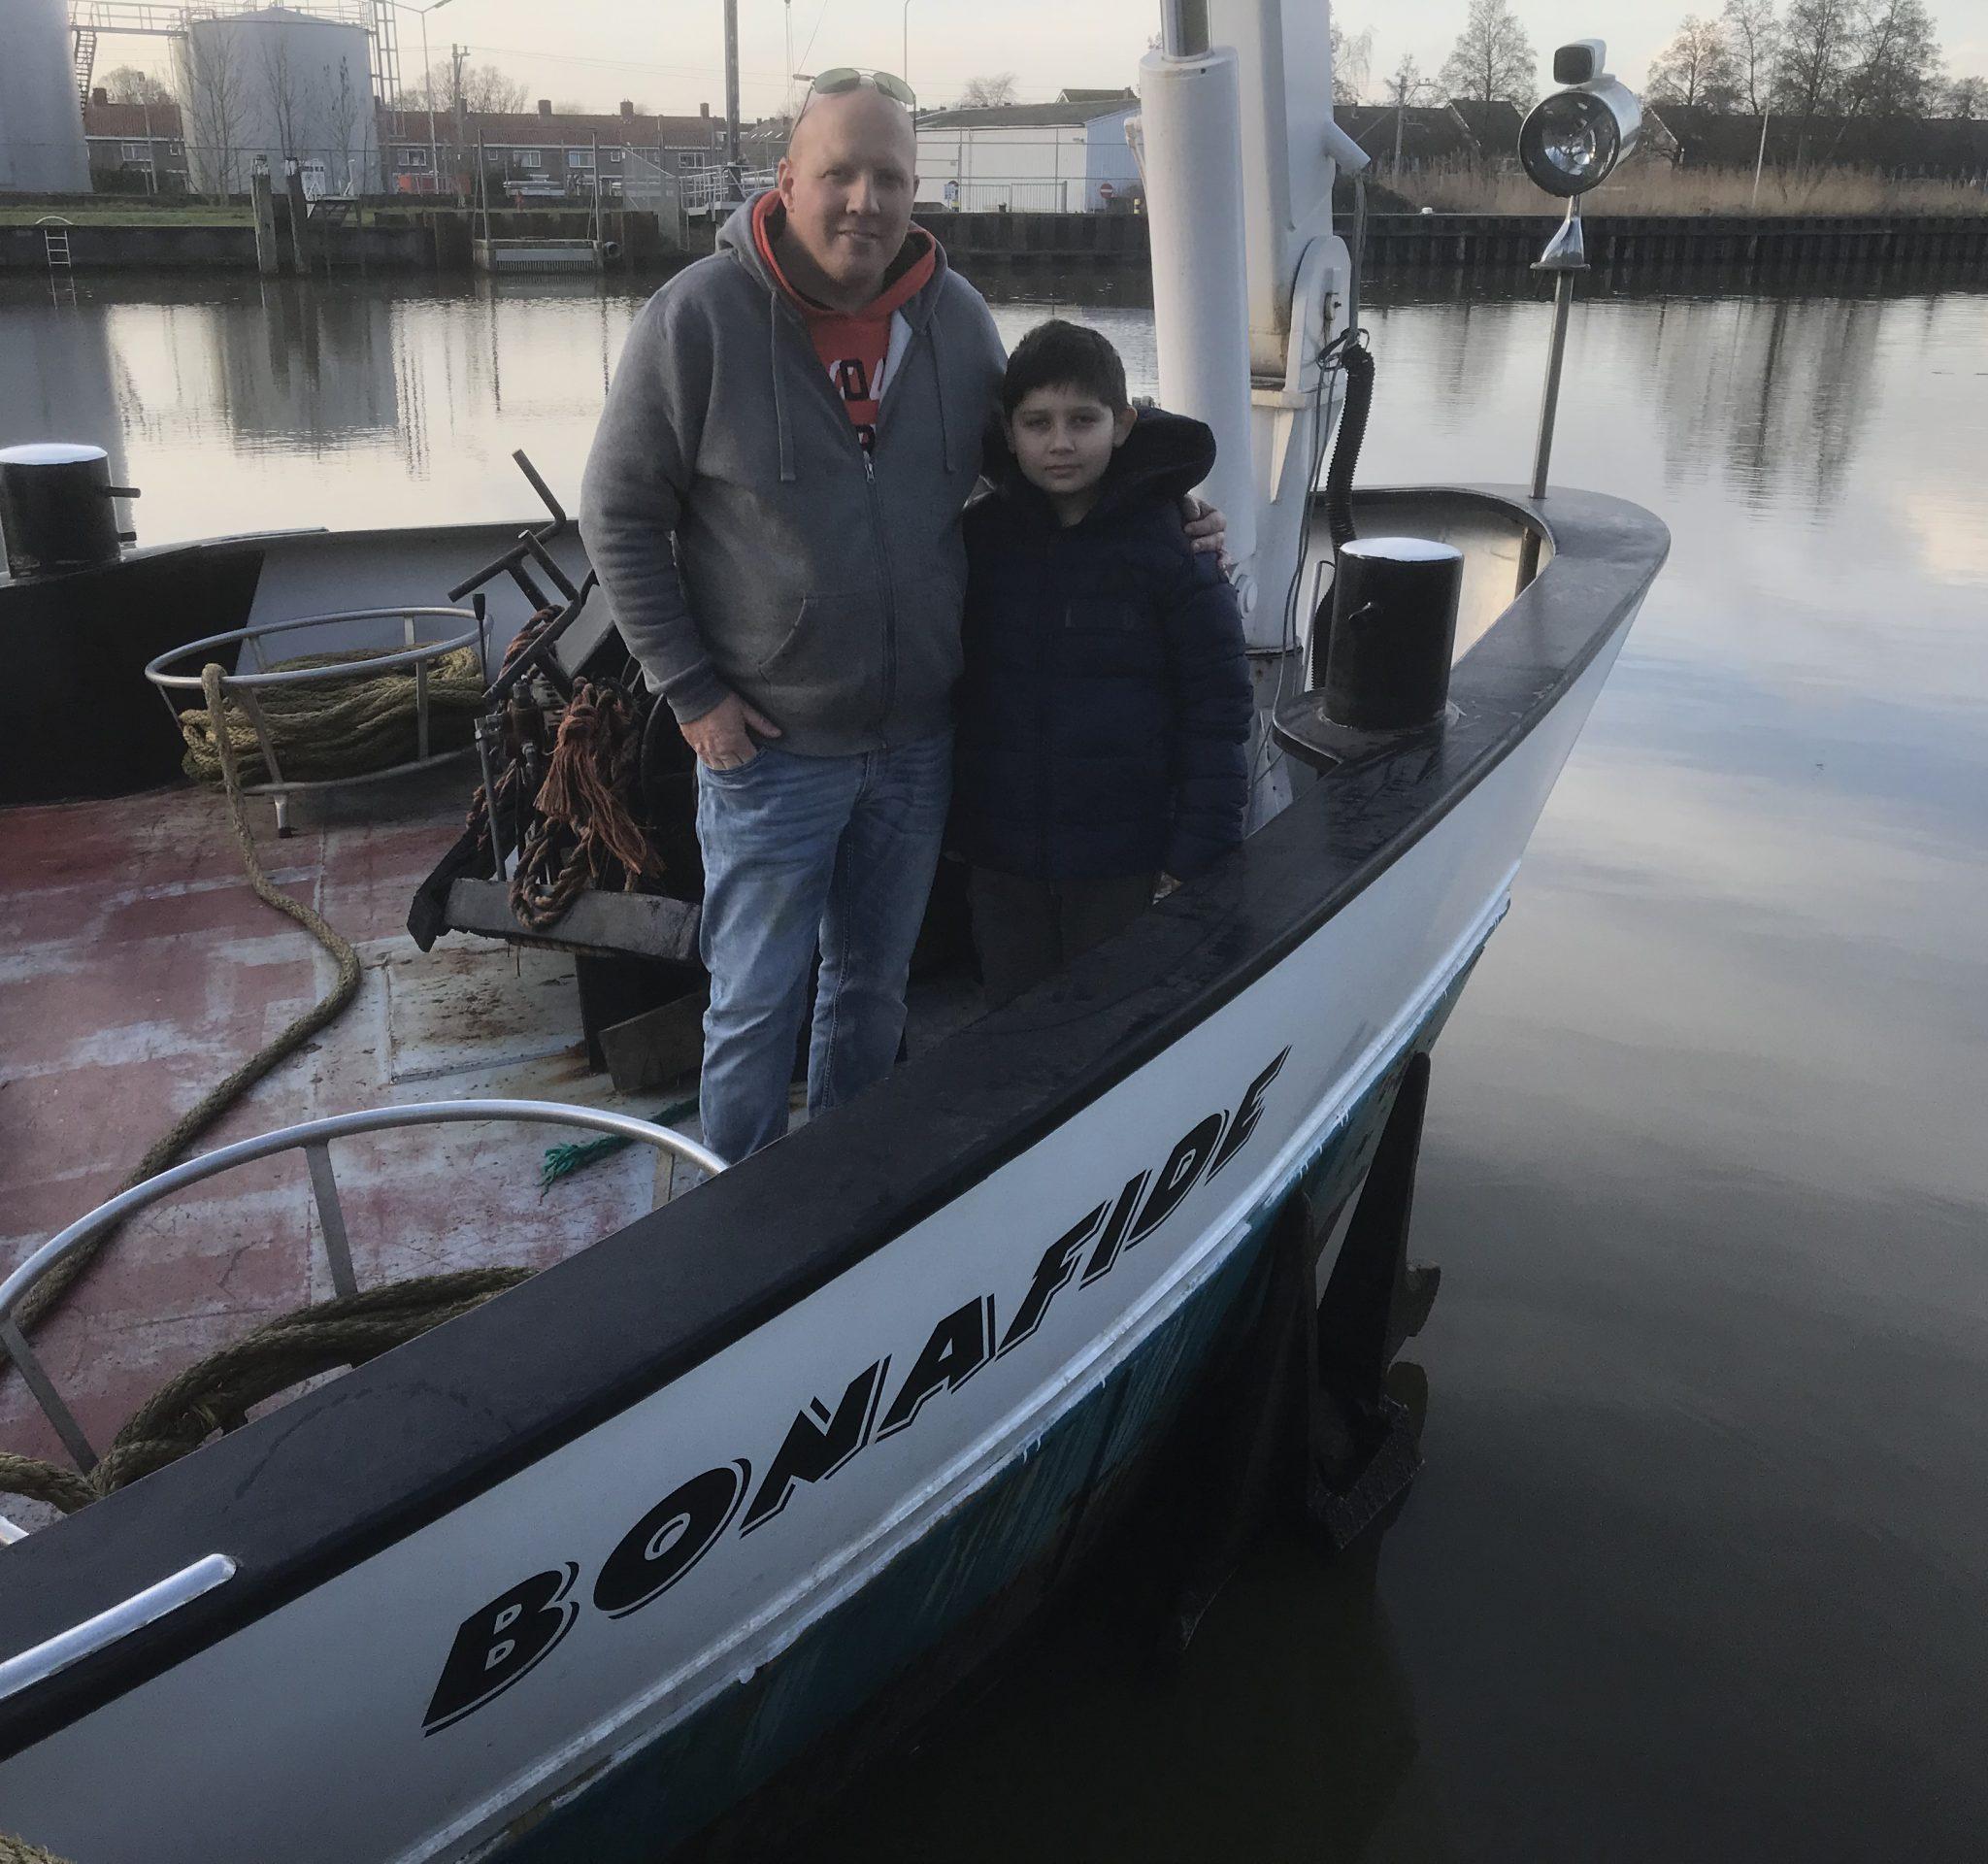 Schipper Jaap Remmelzwaal en zijn zoon Damian hebben een spannende week achter de rug op de Bonafide. Bij het veer tussen Baarlo en Steyl passeren ze een stuurloos binnenvaartschip. Jaap probeert de schipper te hulp te schieten, terwijl zijn zoon alles filmt vanuit de stuurhut.